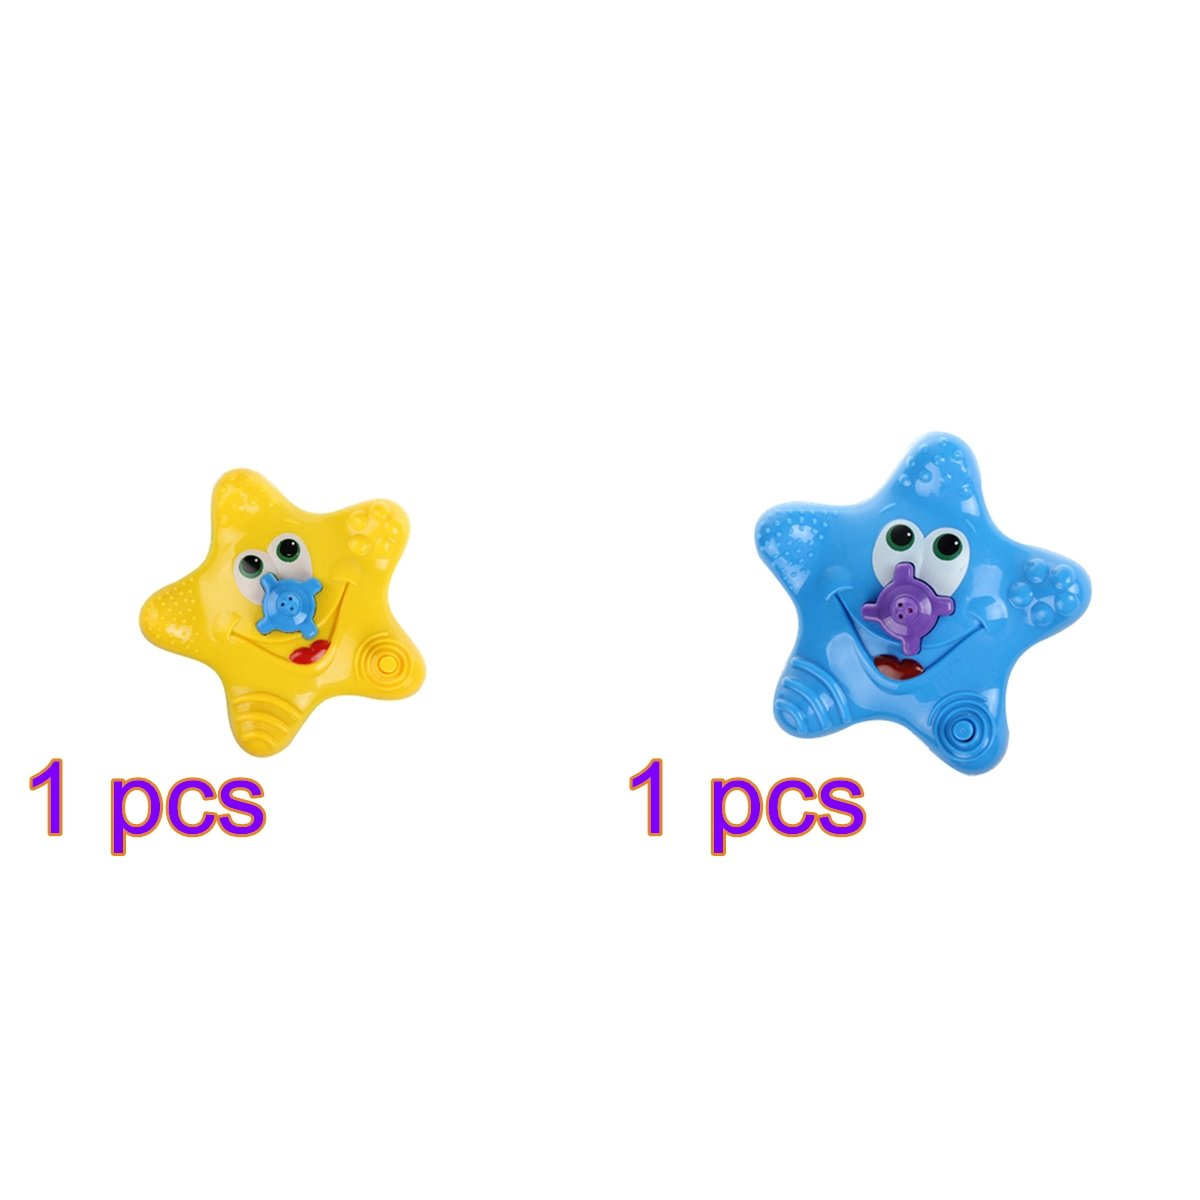 Lulalula Lulalula - 2 juguetes de ducha flotantes para bebé, diseño de estrella de mar